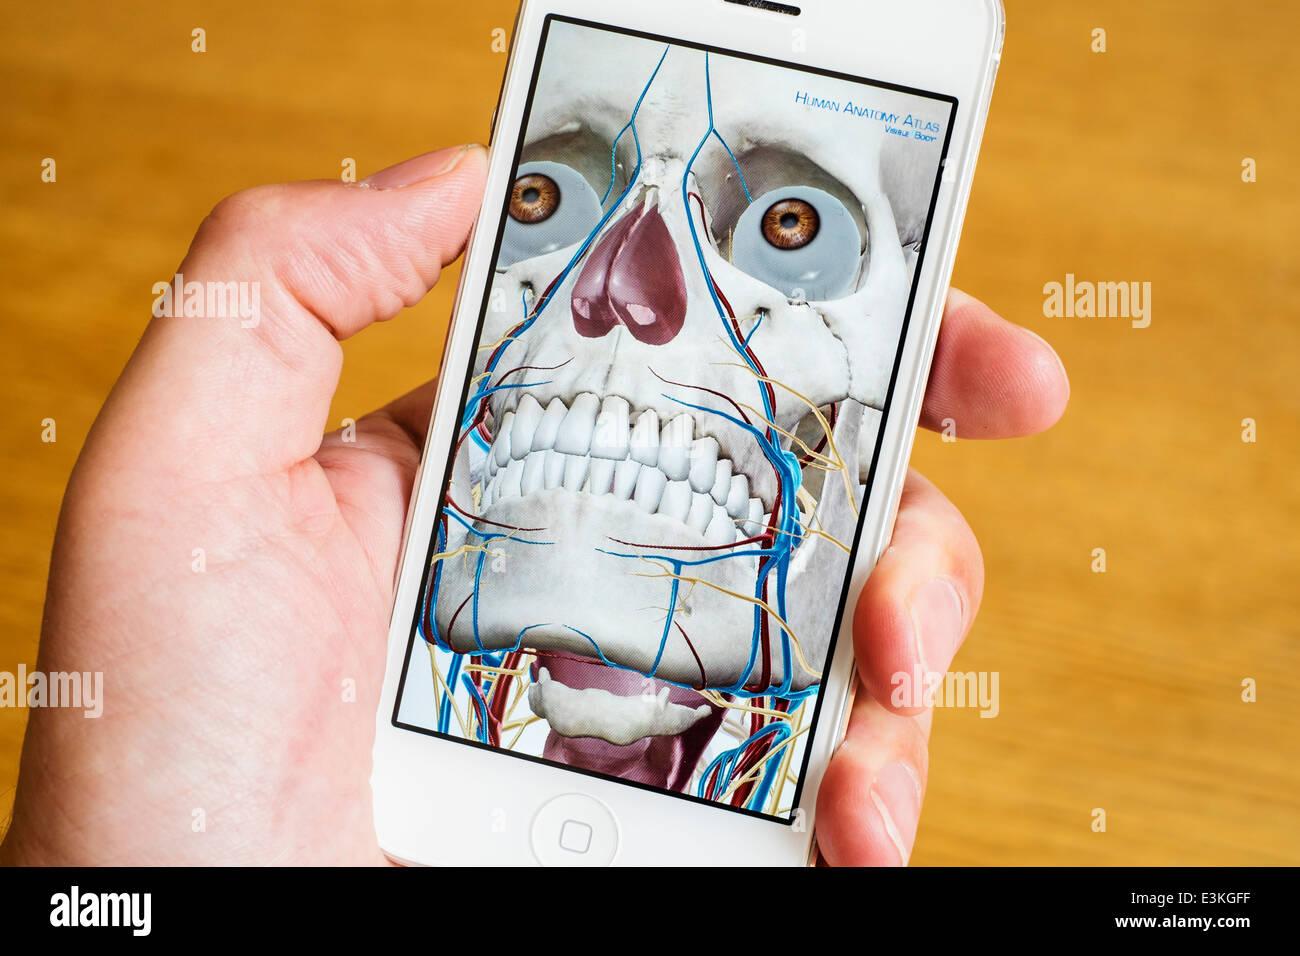 Détail de l'éducation 3D médical anatomie humaine atlas sur un iPhone smart phone Photo Stock